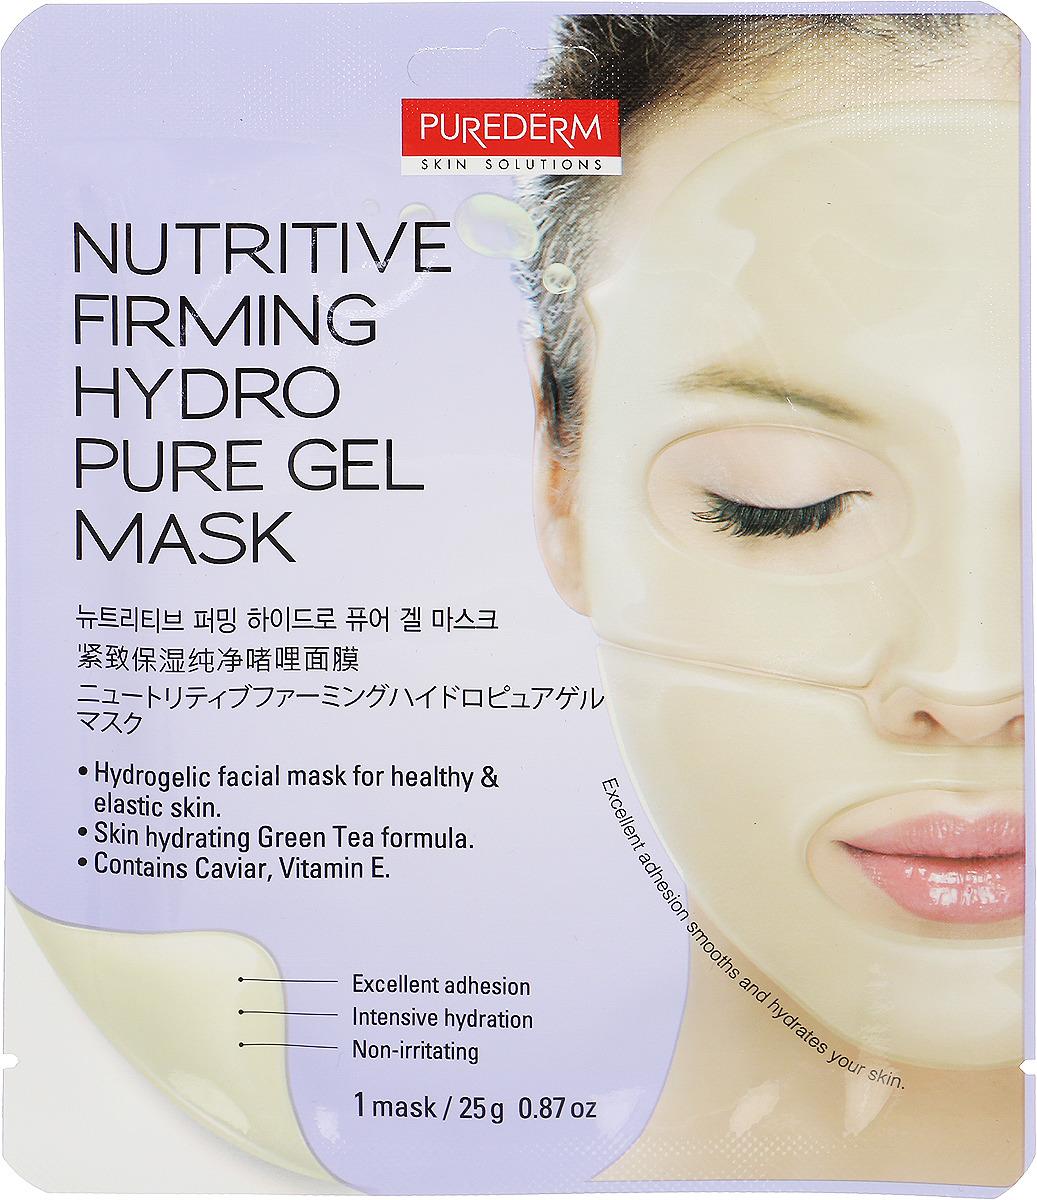 Purederm Маска гидрогелевая для укрепления и питания кожи, 25 г коллагеновая маска purederm с экстрактом кофе 18 г х 3 шт